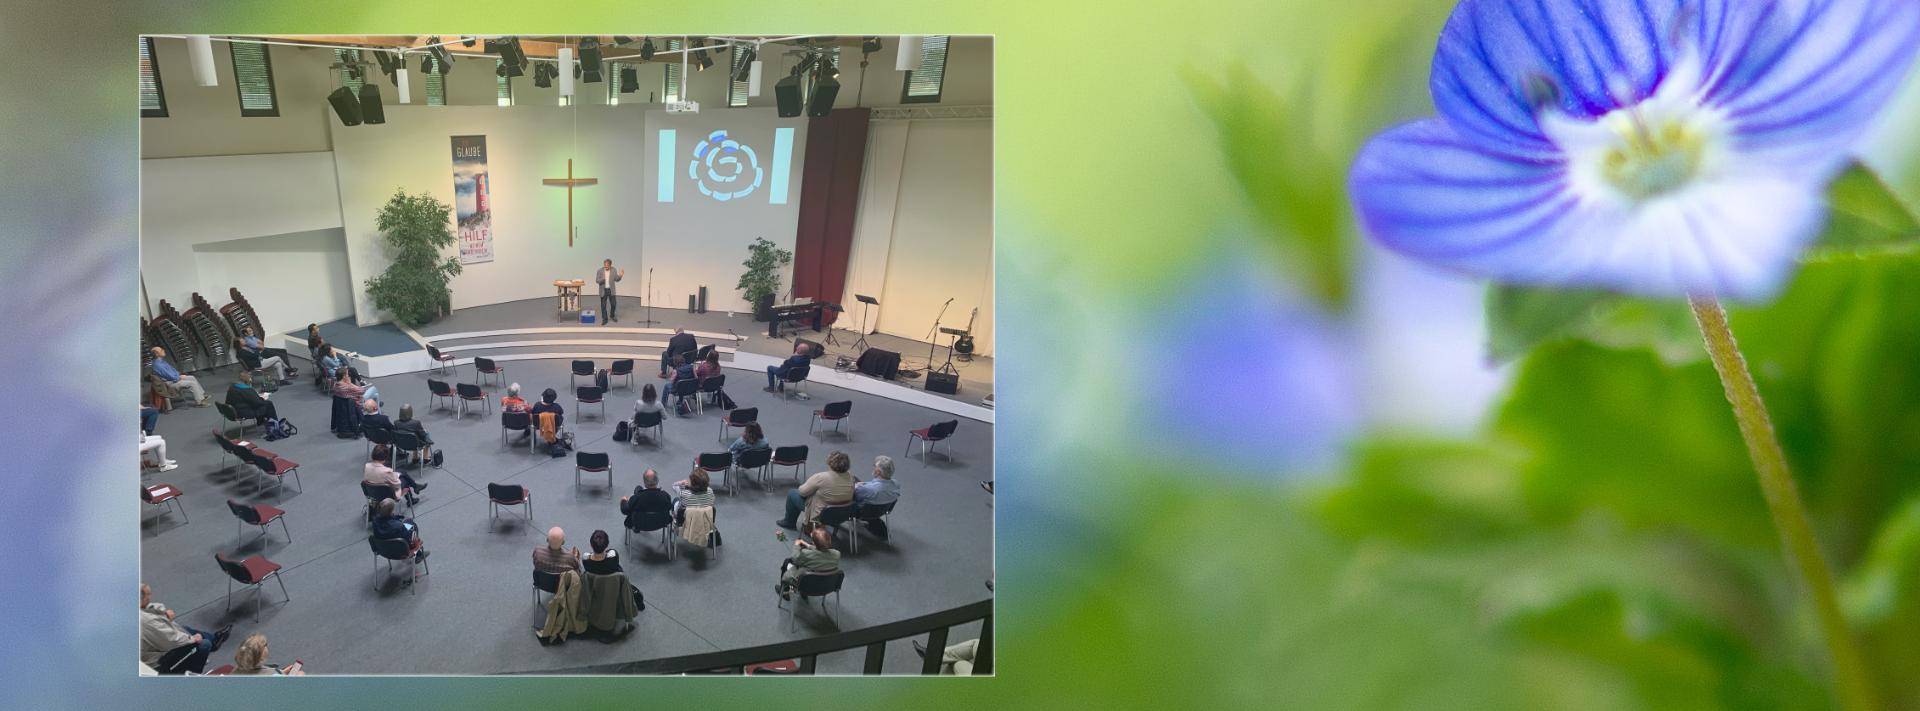 Kontakt | EFGM Christus-Gemeinde Magdeburg